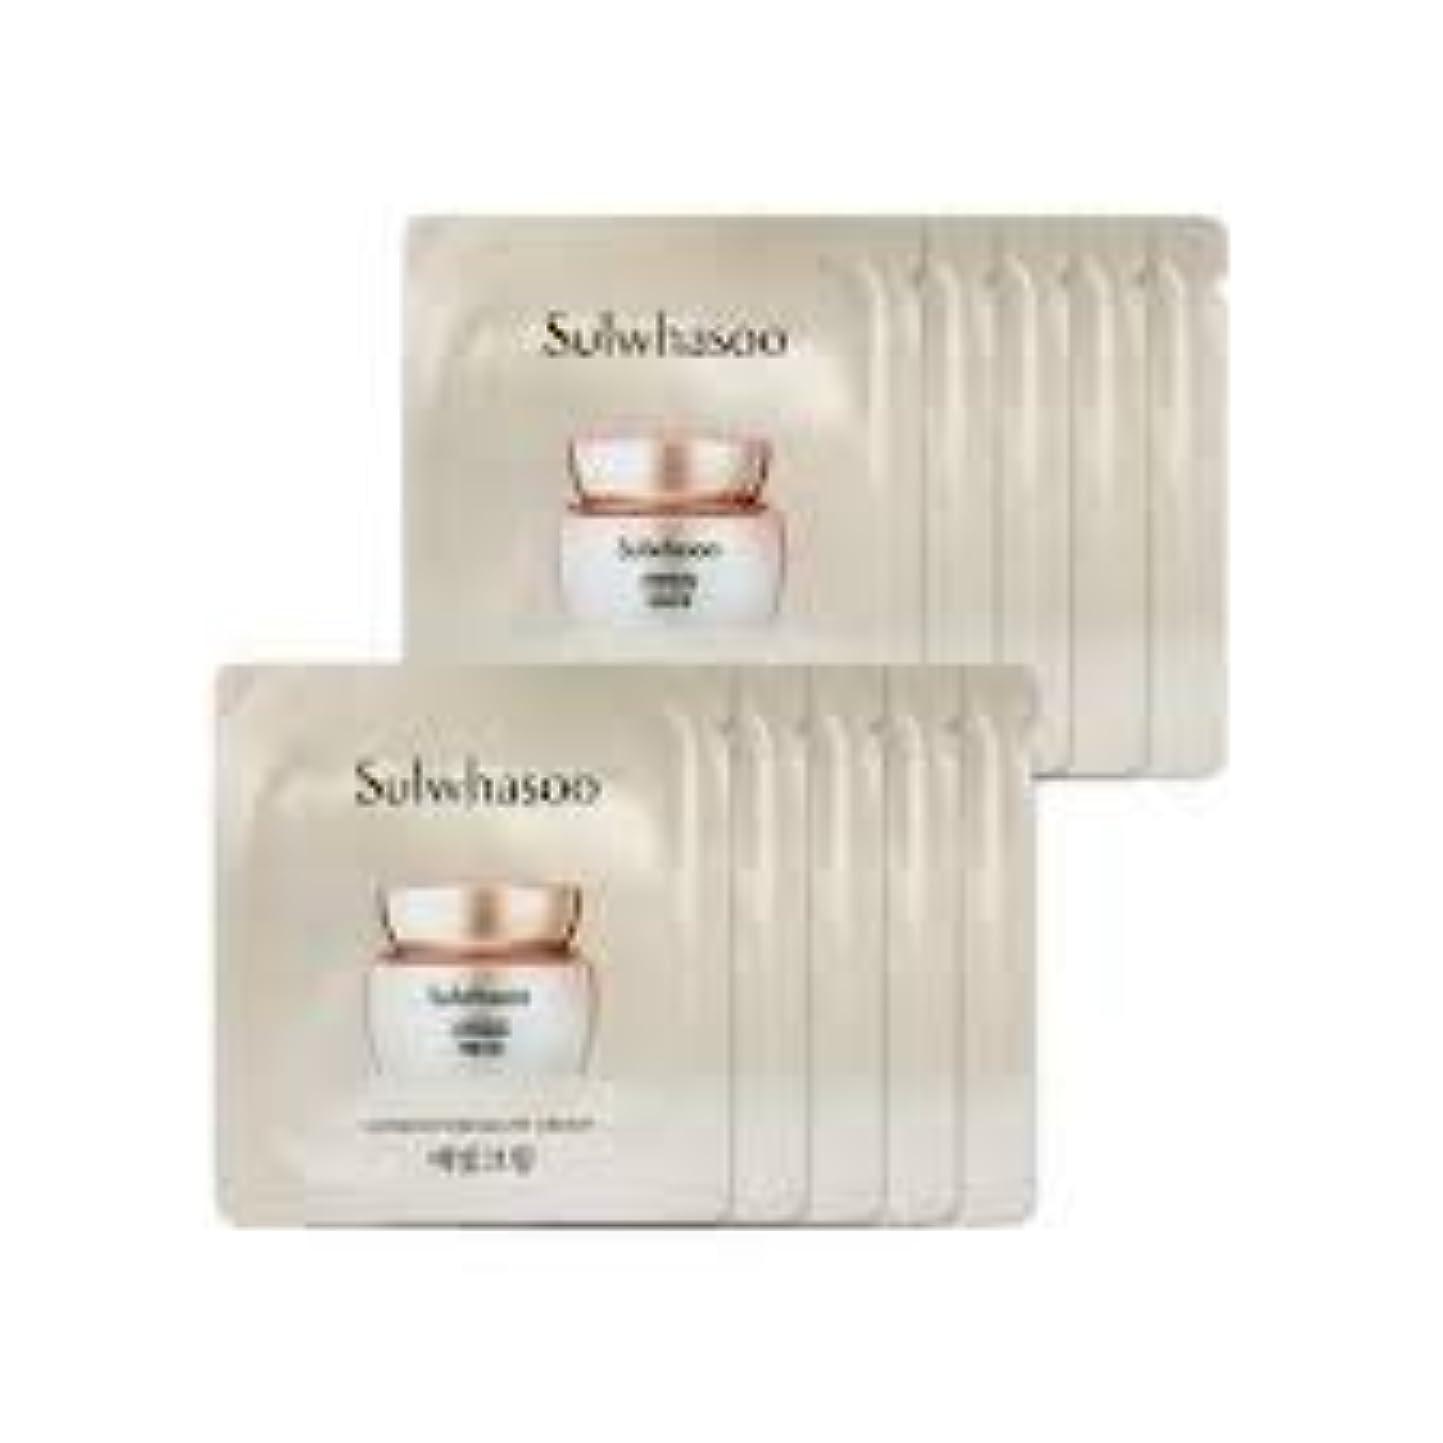 移植人質出席する[ソルファス ] Sulwhasoo (雪花秀) ルミナチュアグロー Luminature Glow Cream 1ml x 30 (イェビトクリーム) [ShopMaster1]